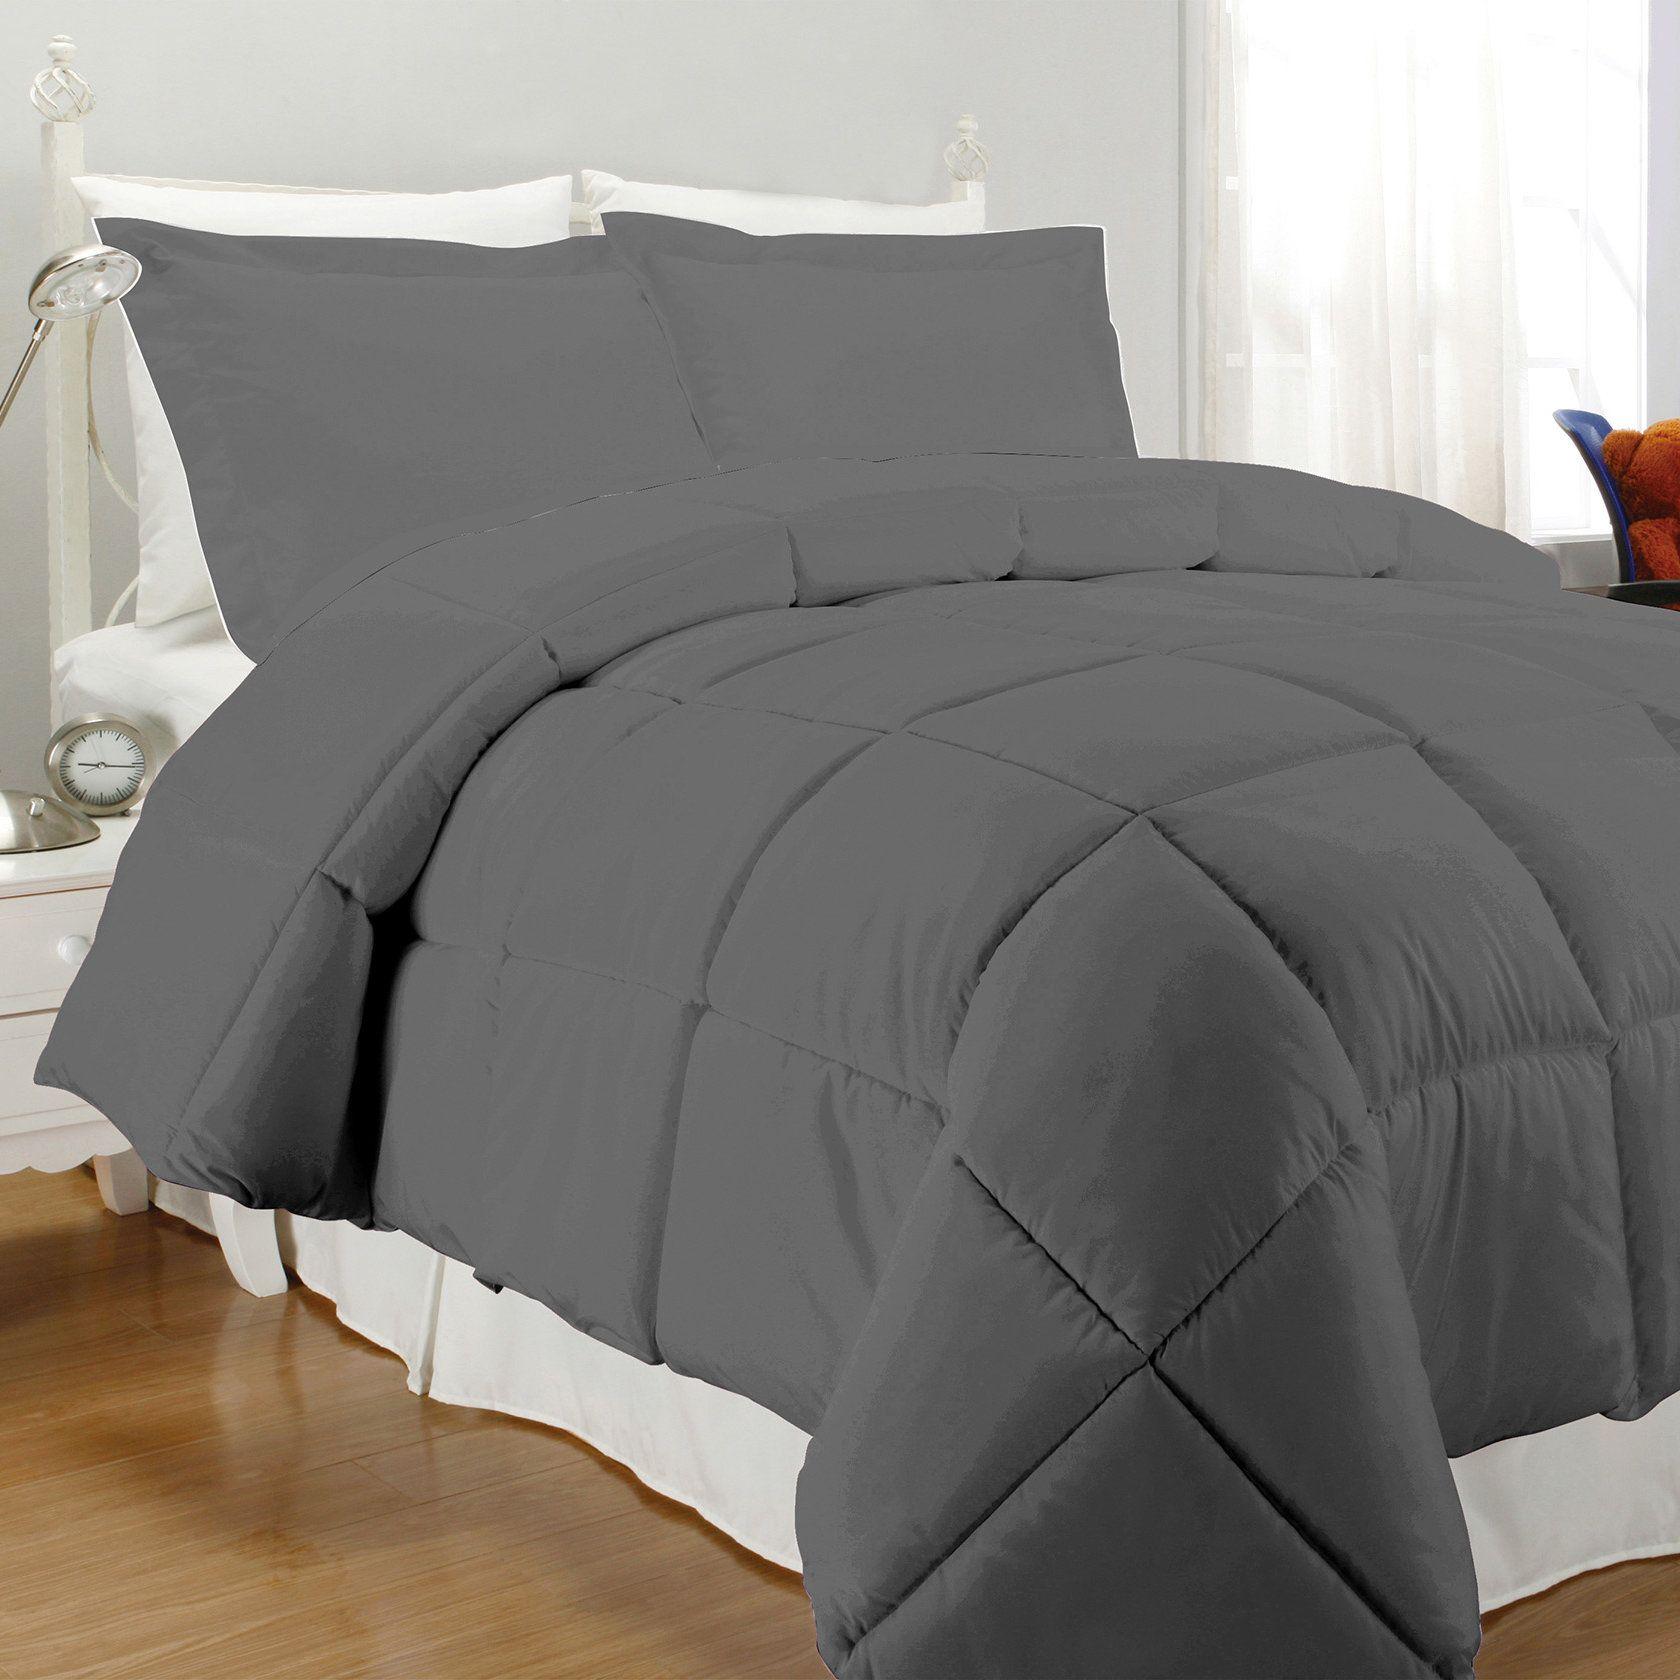 Carley Reversible Comforter Set Comforter sets, Cool